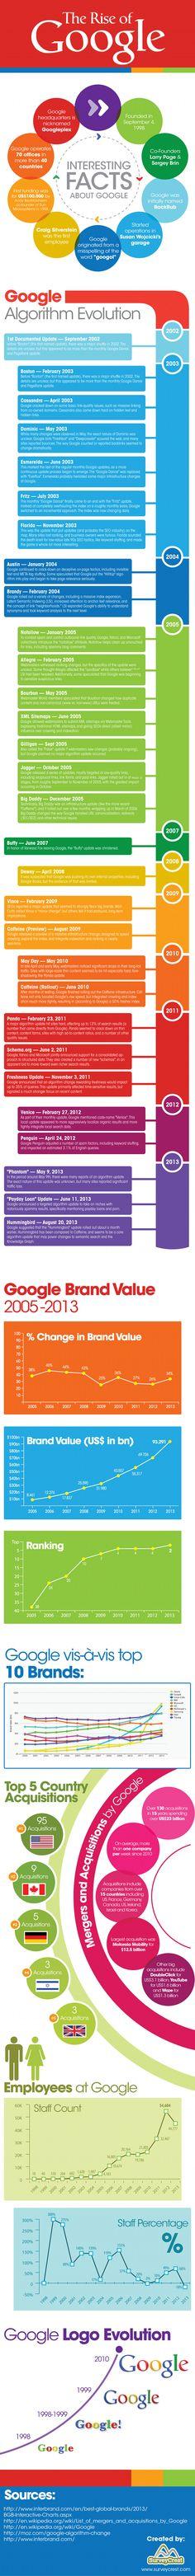 Der faszinierende Aufstieg von Google